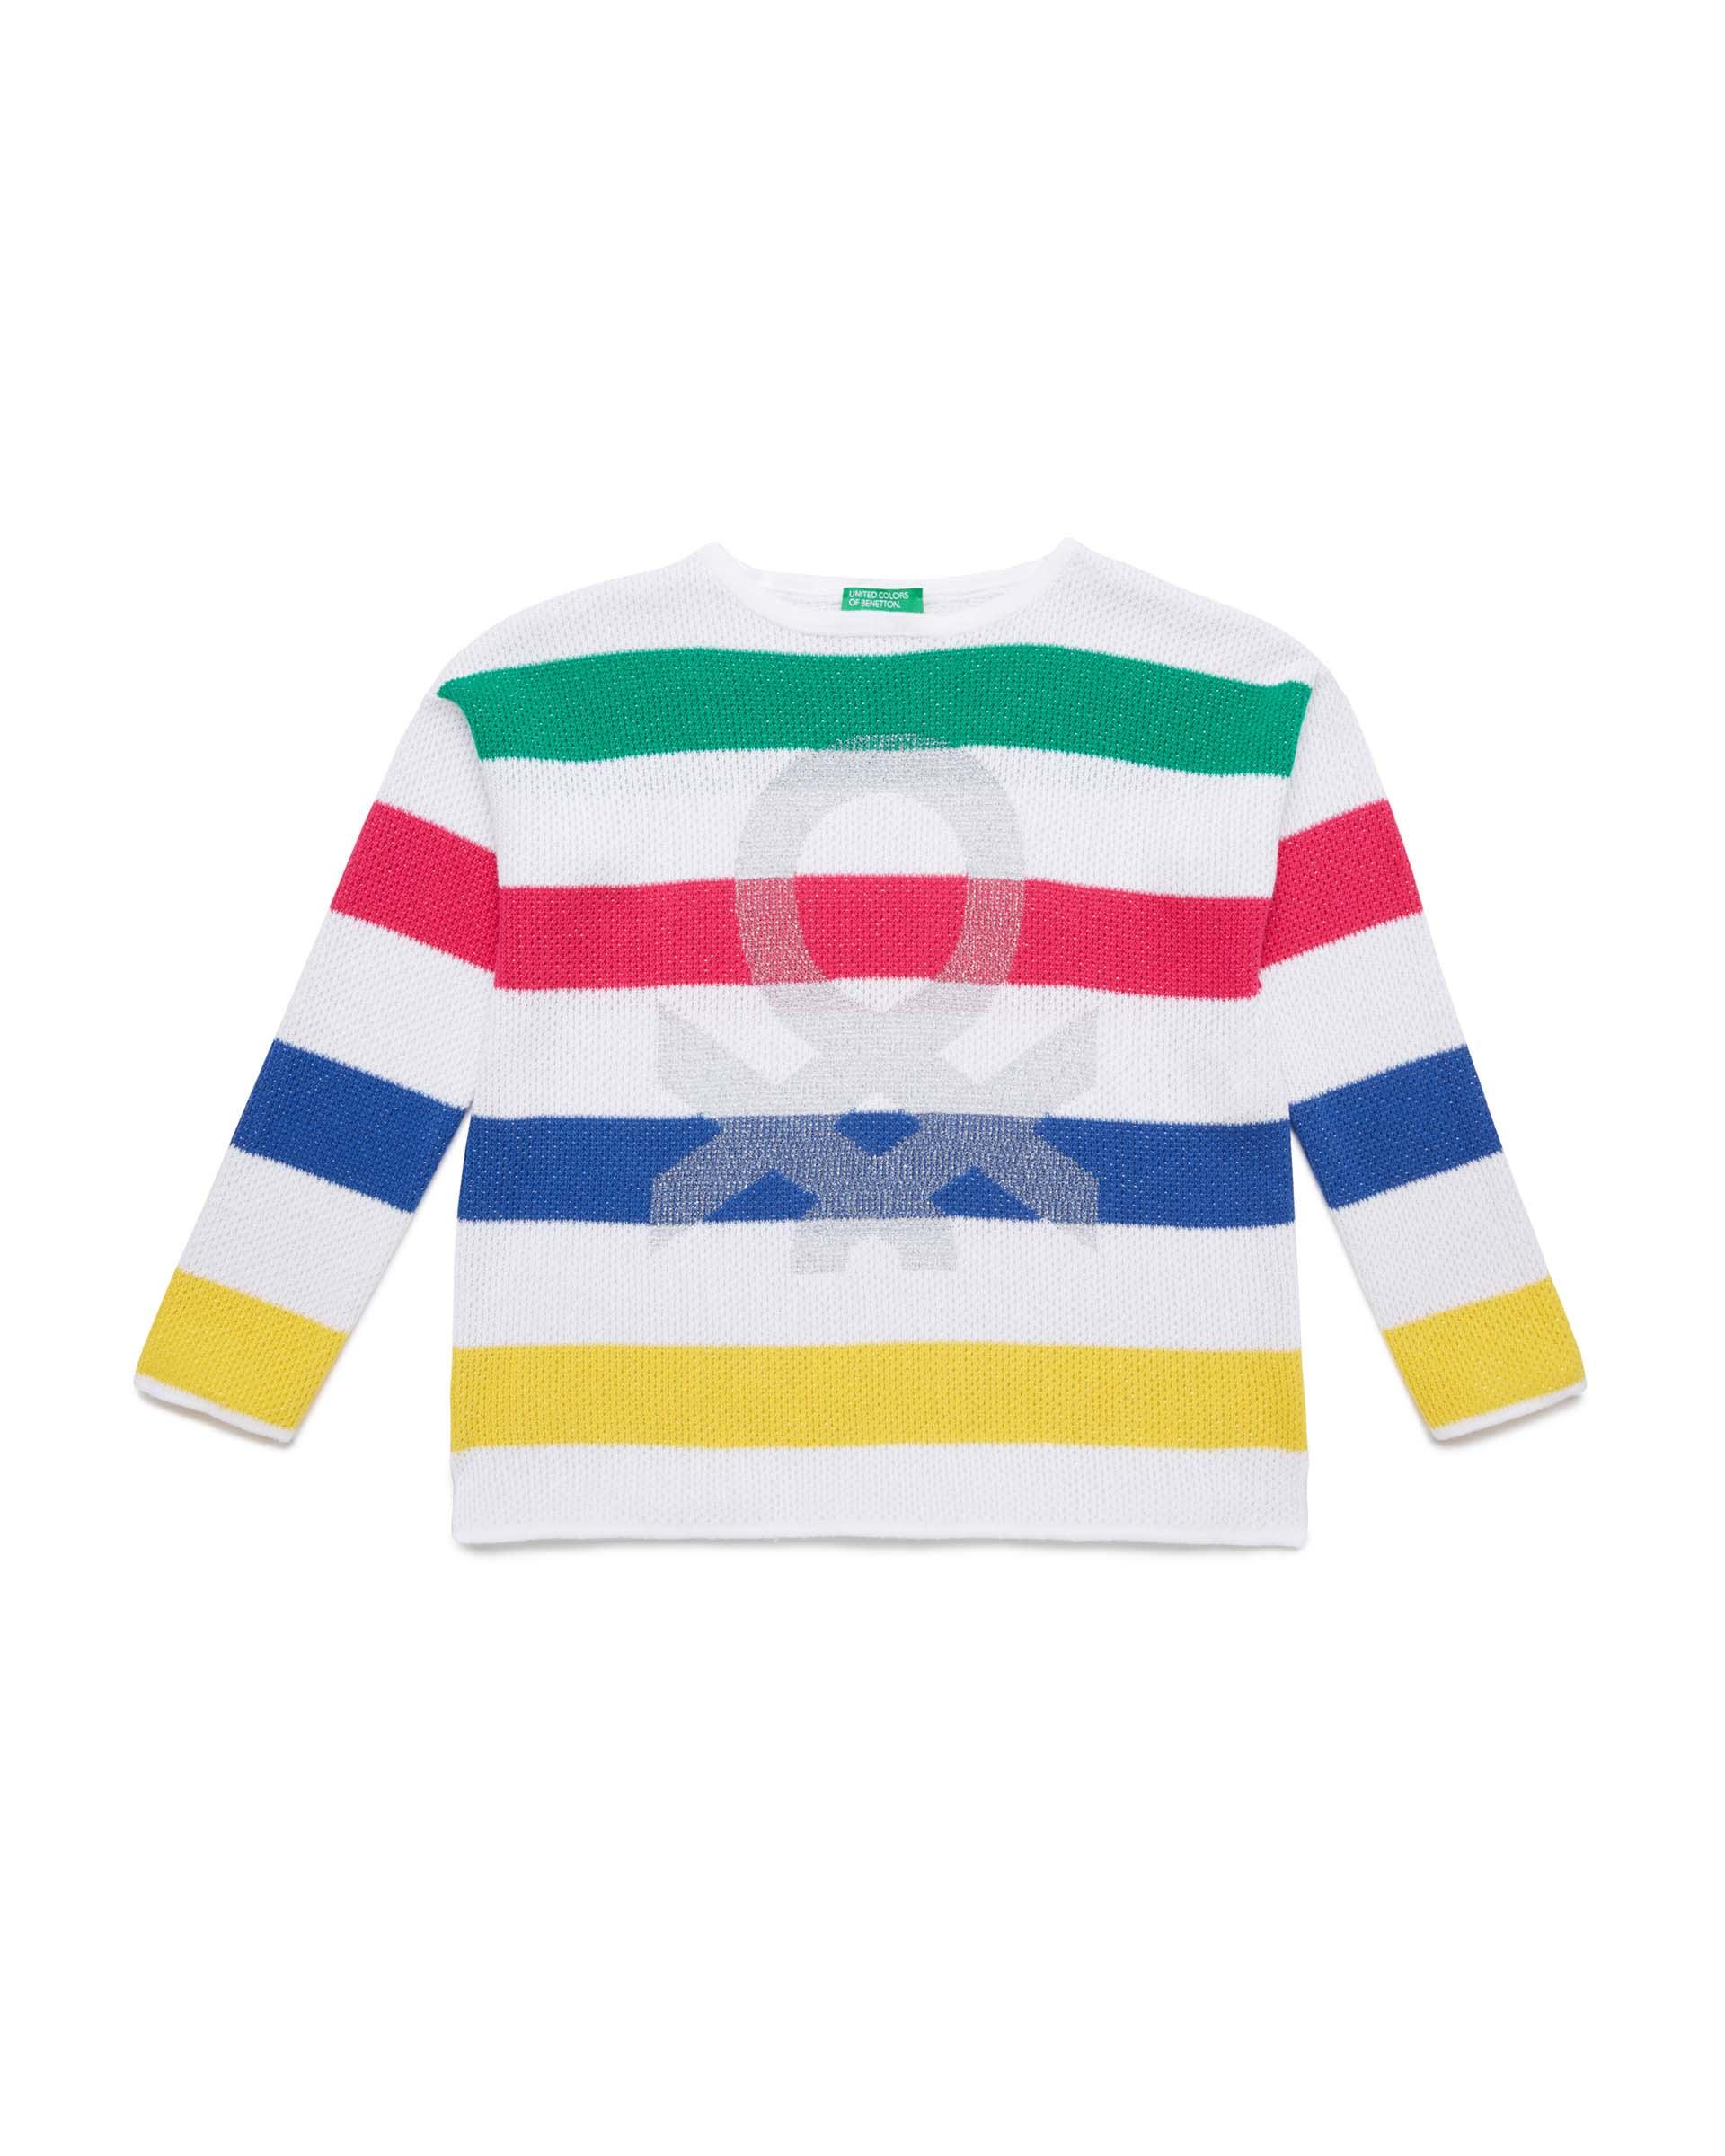 Купить 20P_1194Q1891_901, Джемпер для девочек Benetton 1194Q1891_901 р-р 104, United Colors of Benetton, Джемперы для девочек